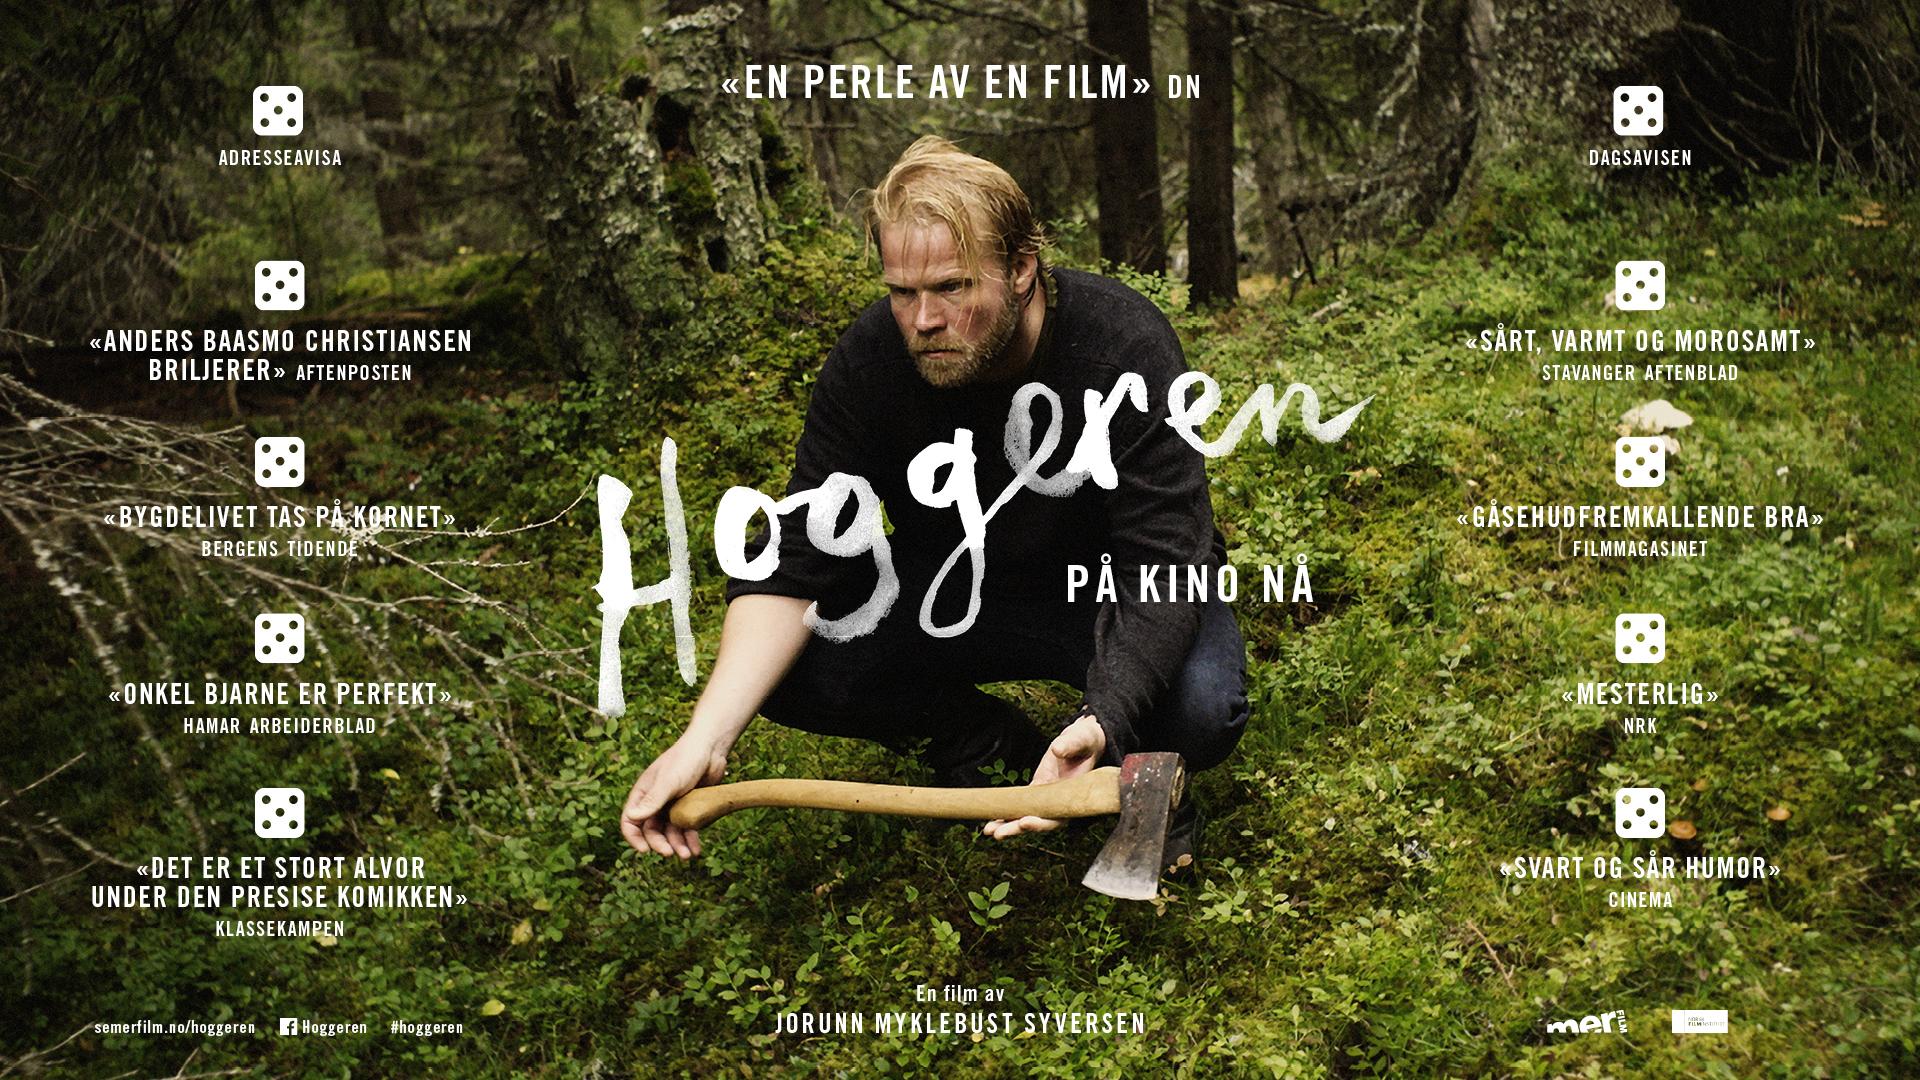 hoggeren_plakat_1920x1080_kritiker.jpg